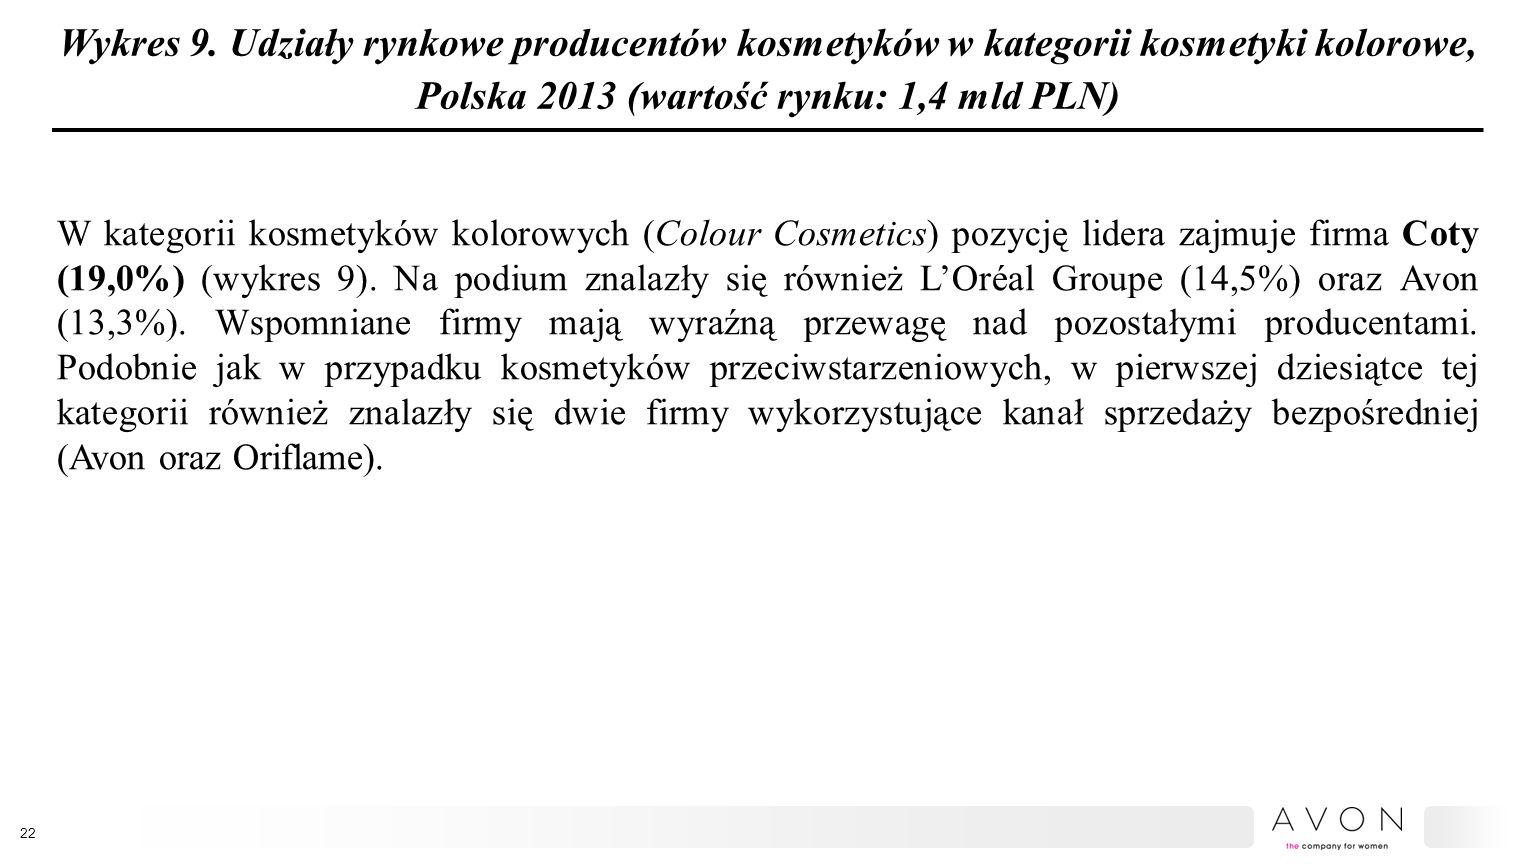 Wykres 9. Udziały rynkowe producentów kosmetyków w kategorii kosmetyki kolorowe, Polska 2013 (wartość rynku: 1,4 mld PLN) W kategorii kosmetyków kolor